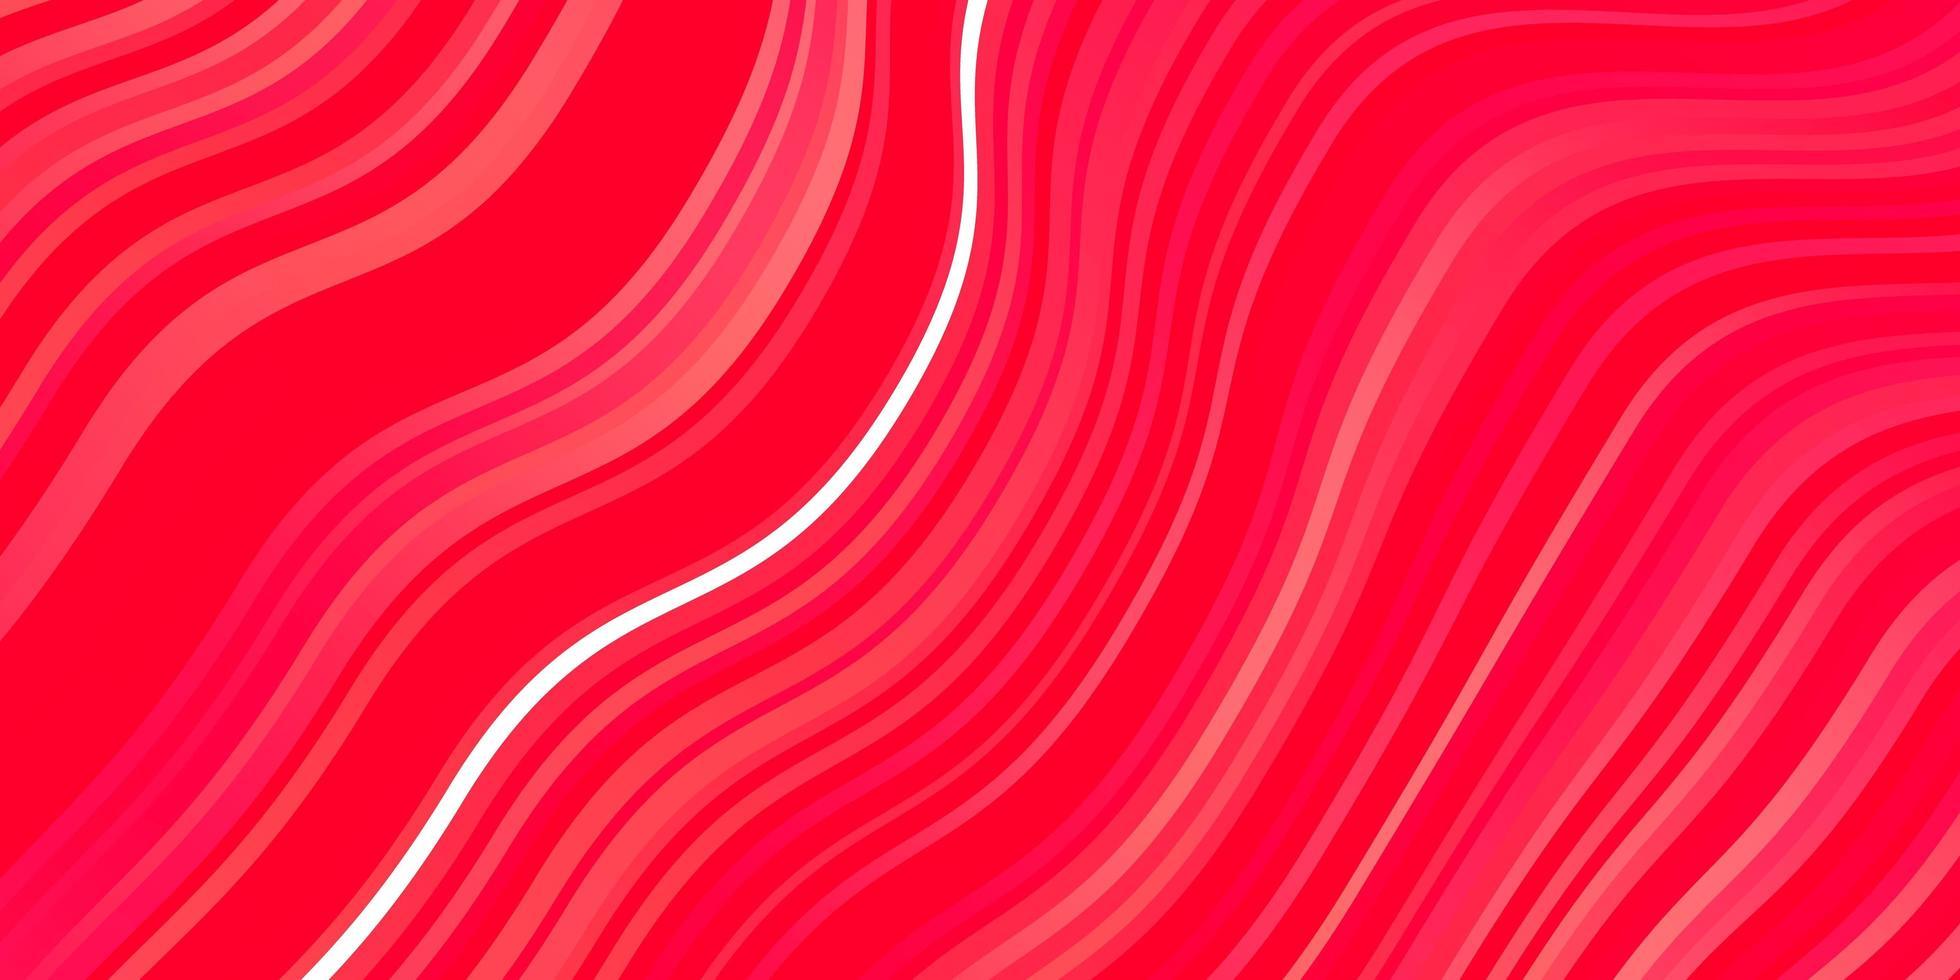 röd mall med böjda linjer. vektor